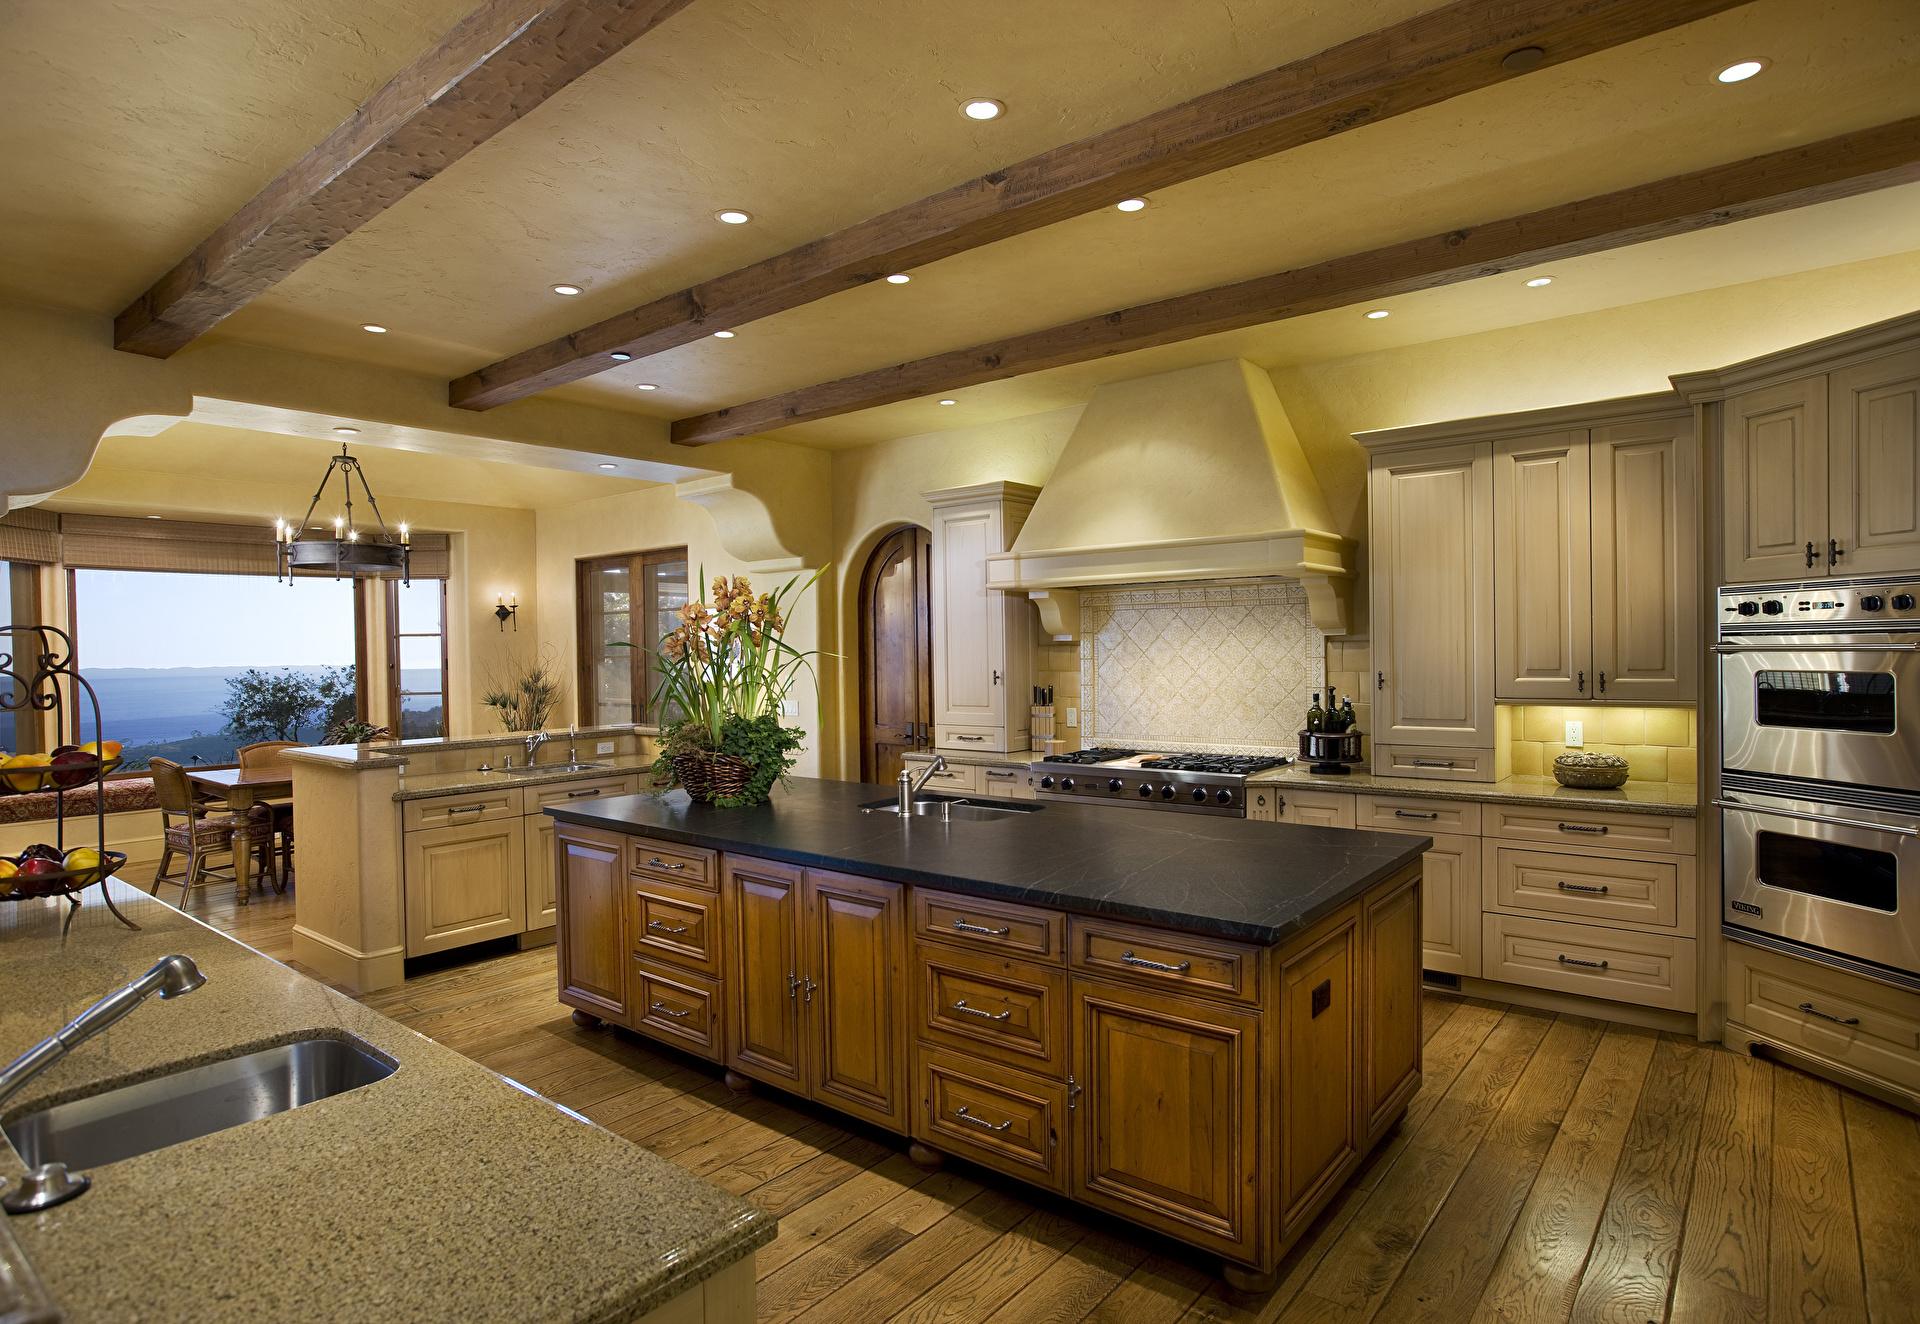 Кухня в теплых тонах  № 889868 бесплатно